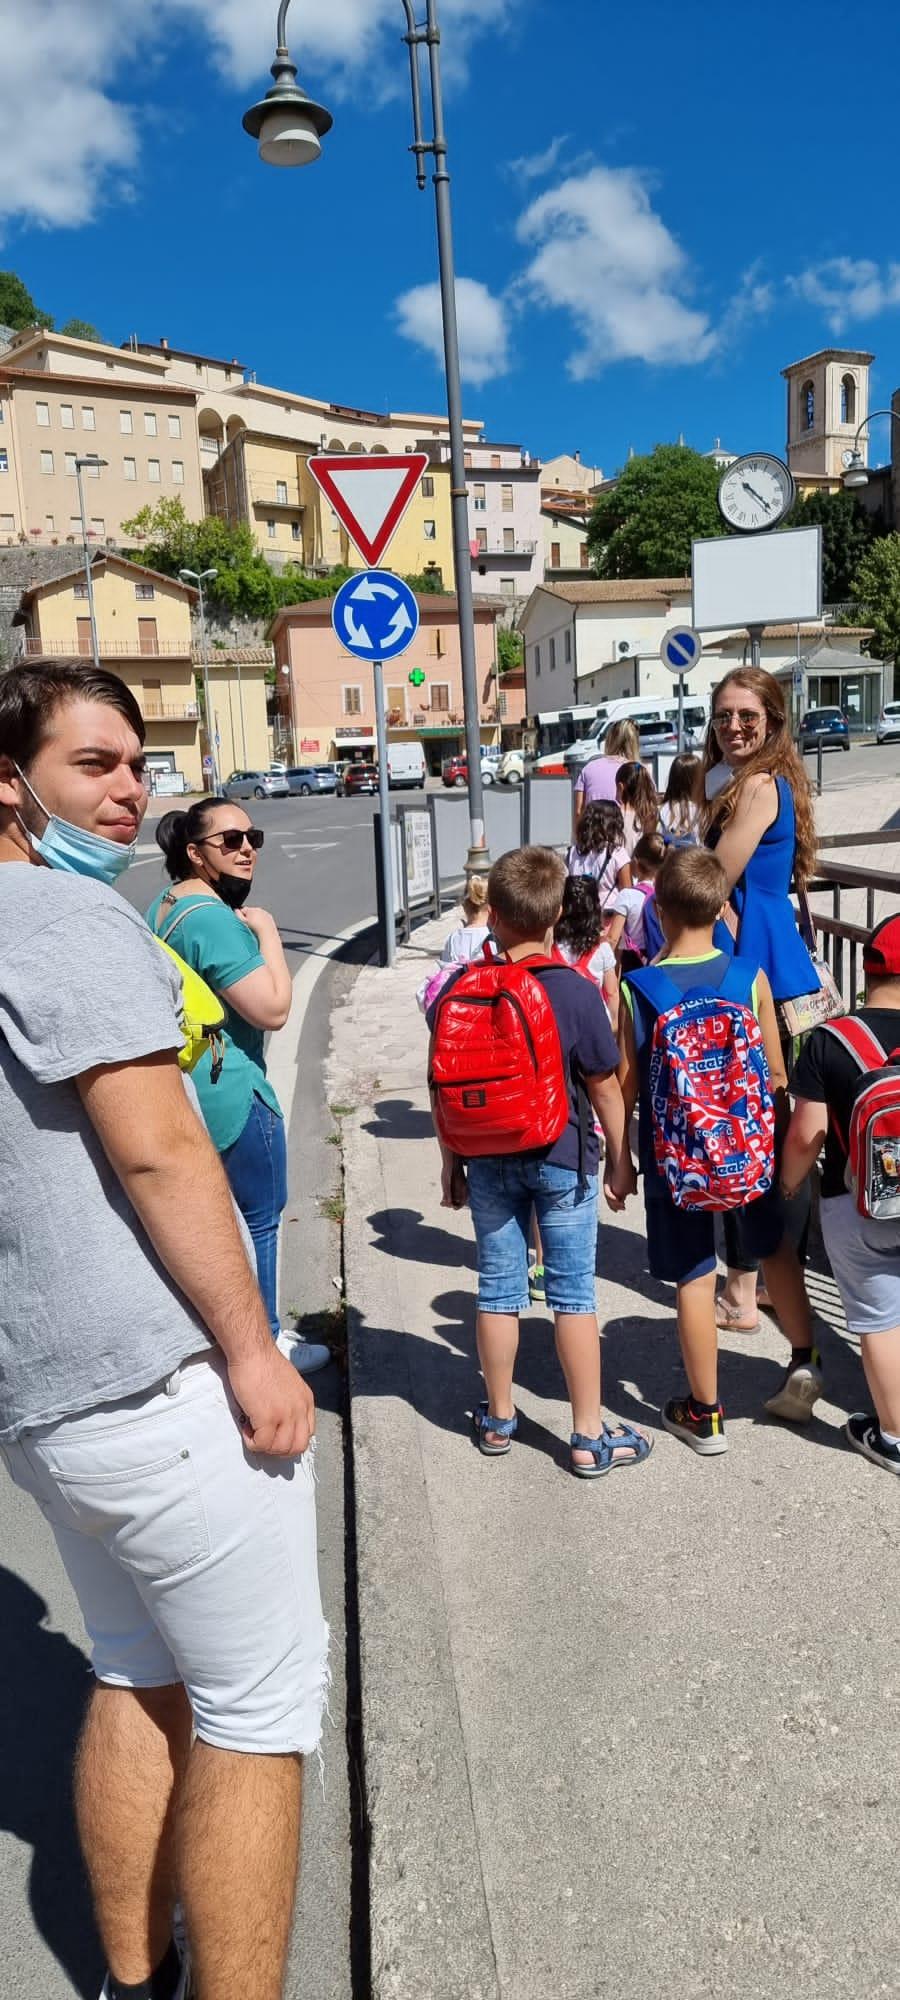 Cascia – Bilancio positivo per il Centro estivo organizzato in collaborazione con l'Ufficio comunale dei Servizi Sociali e la Cooperativa L'Incontro